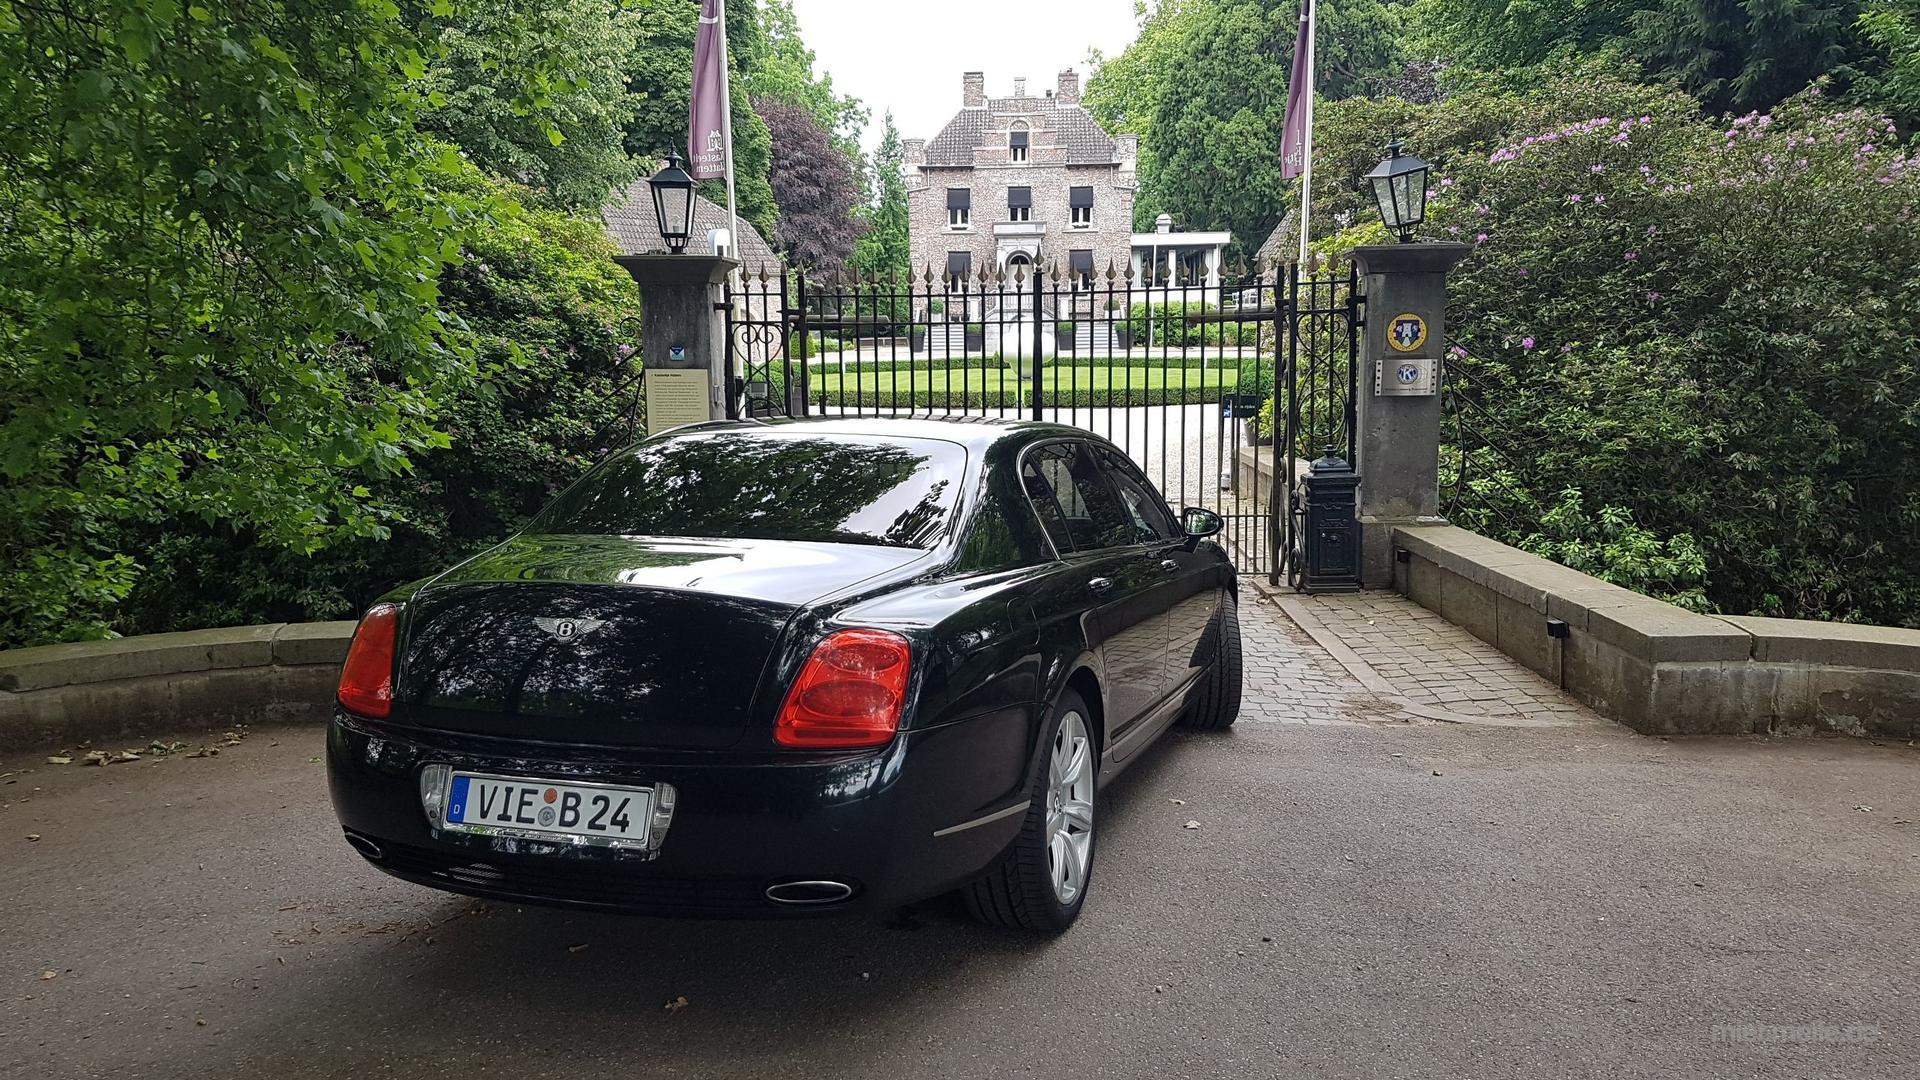 Hochzeitsauto mieten & vermieten - Bentley Flying Spur mit Chauffeur in Niederkrüchten